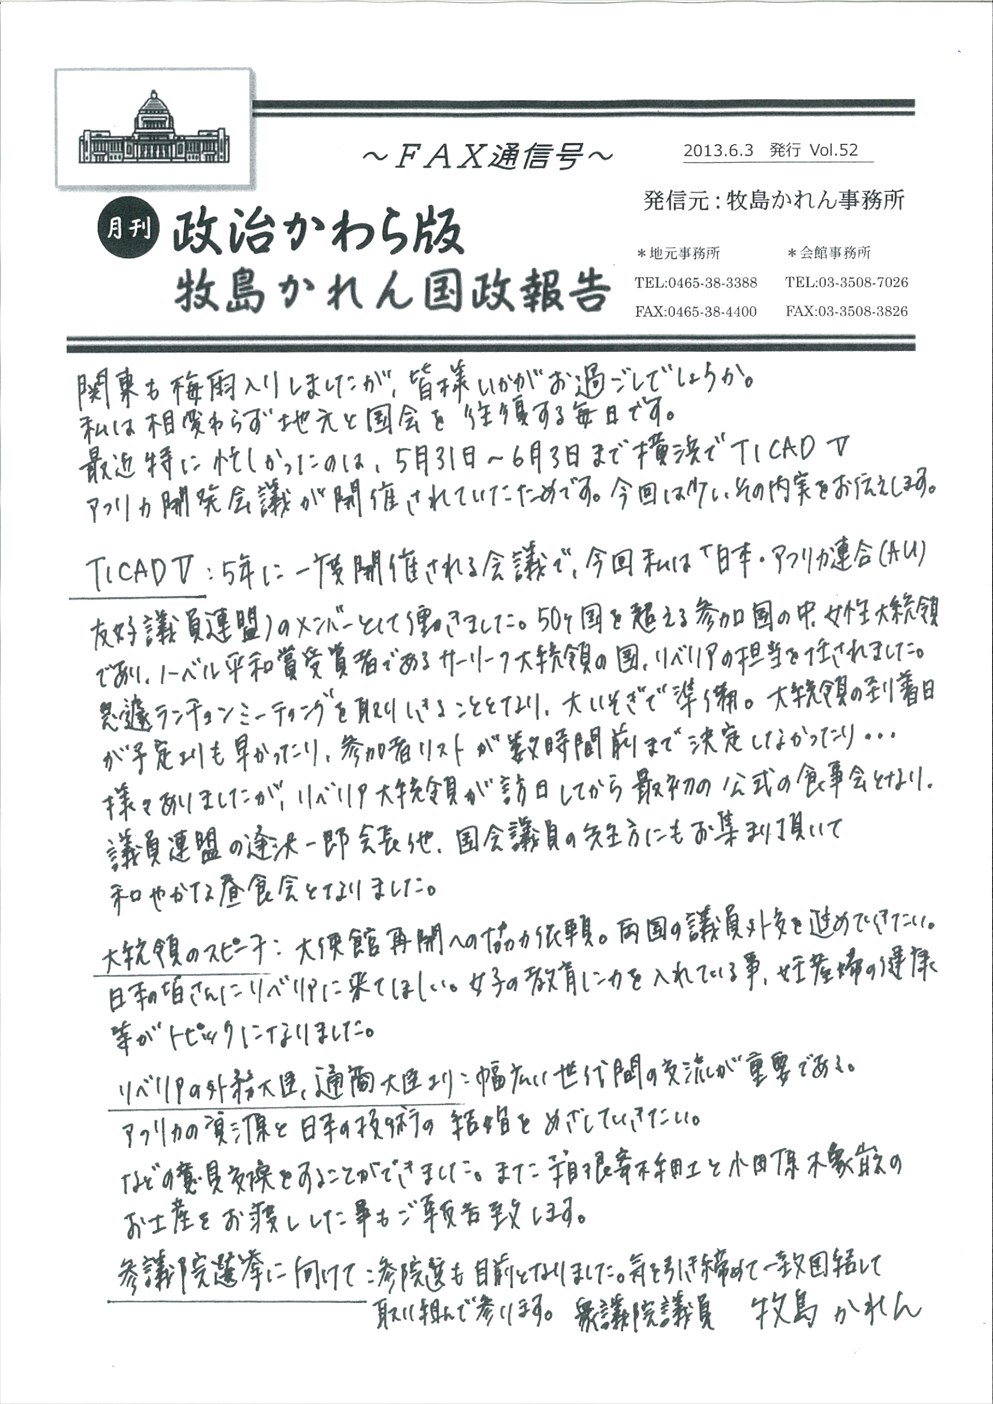 牧島かれん 政治かわら版6月号 Vol.52